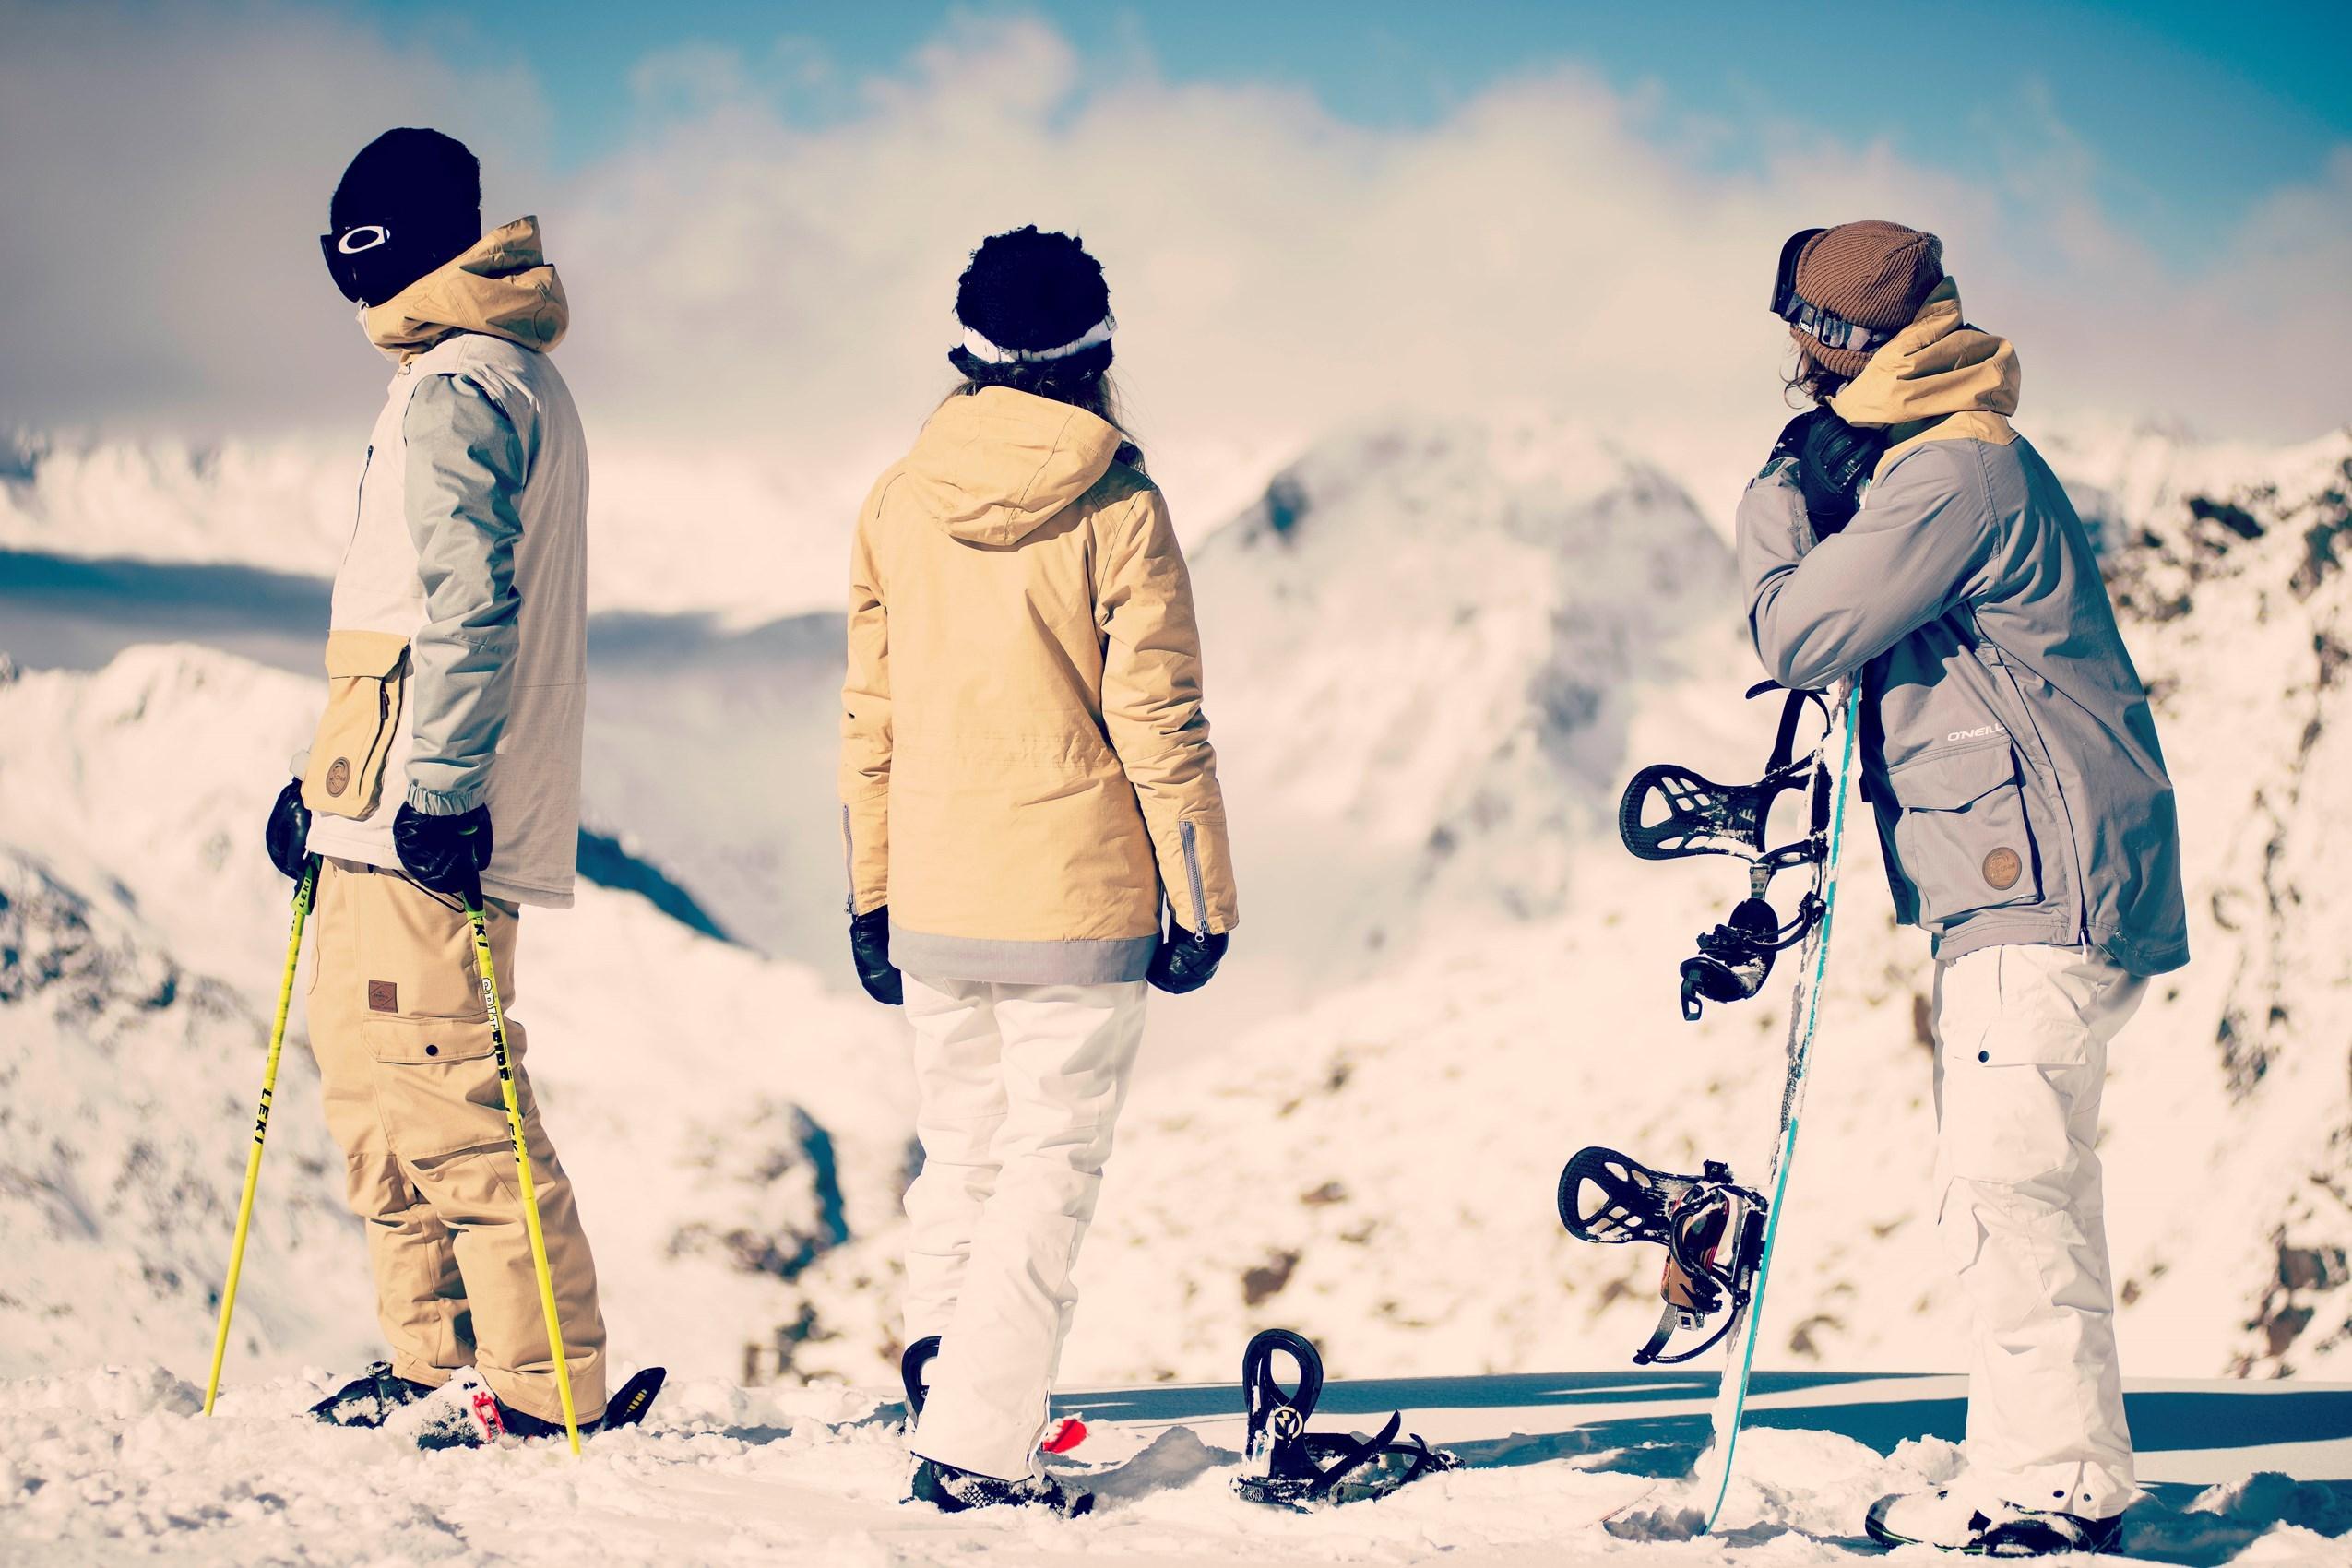 SKI & SNOWBOARD#ten volle genieten van prachtige pistes